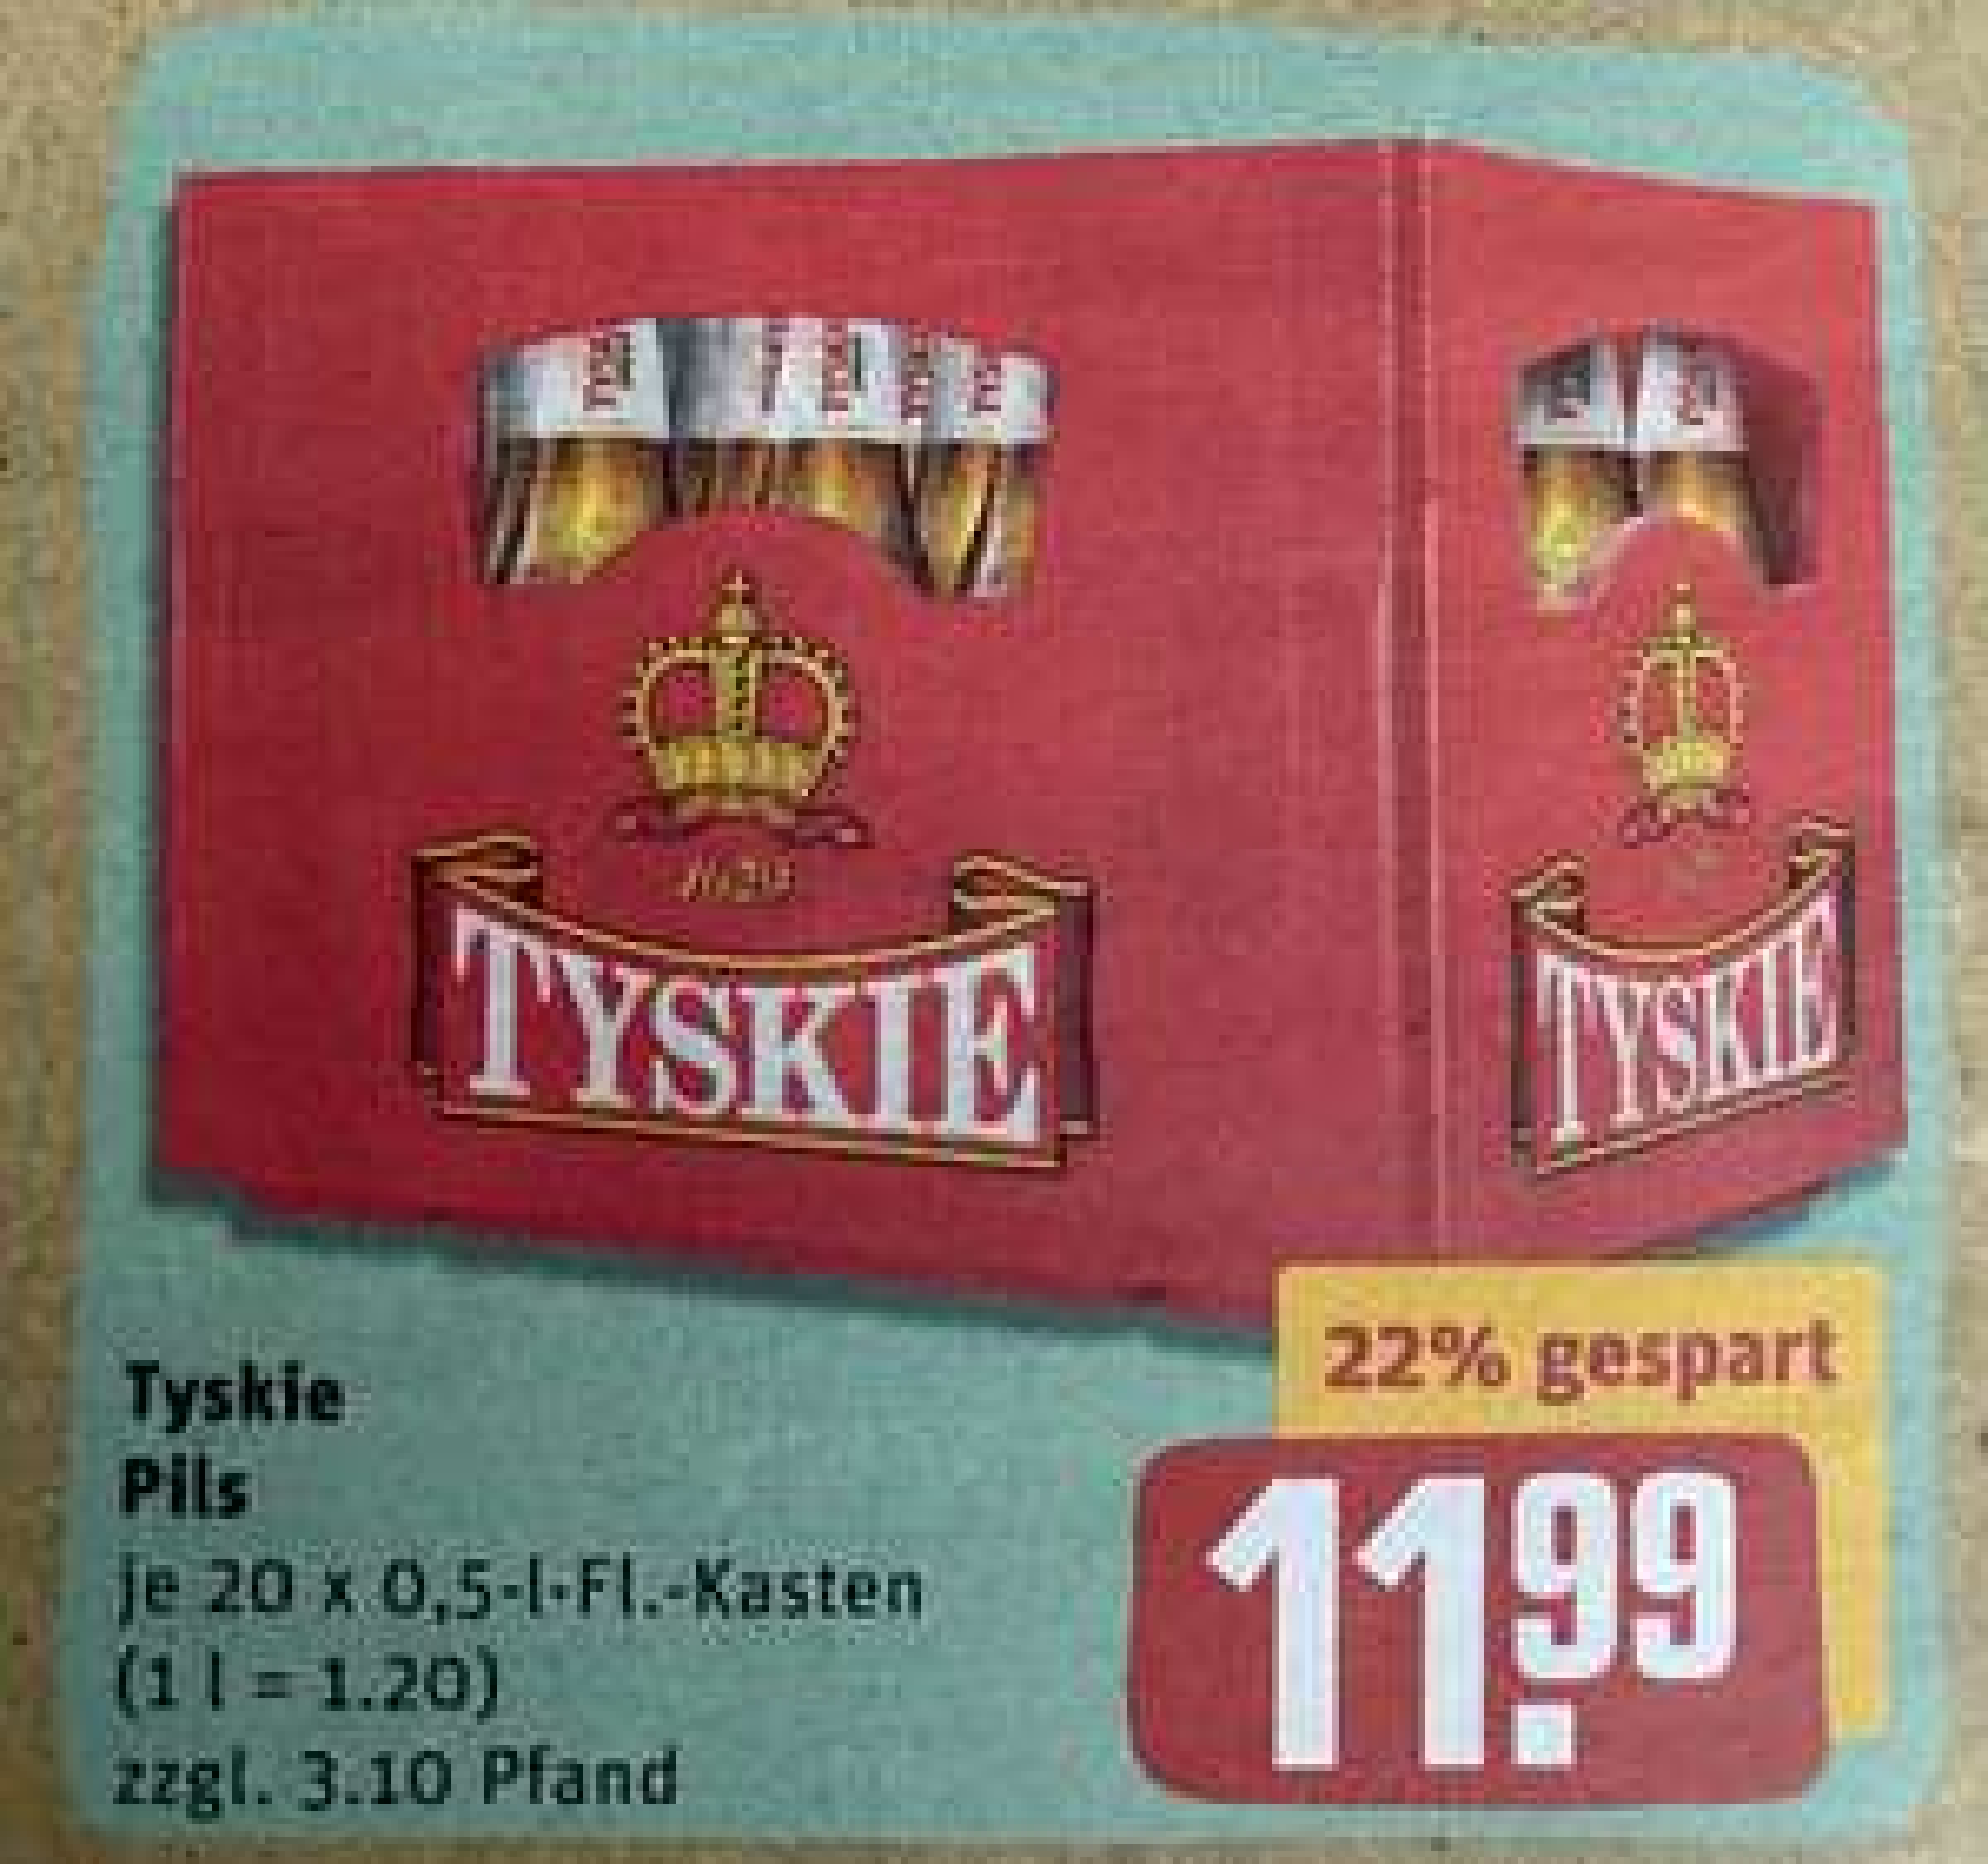 [Rewe] Tyskie Piwo Bier 20x0,5l Kiste für 11.99€ | Pepsi & Schwip Schwap 1,5l Flasche für 0.49€